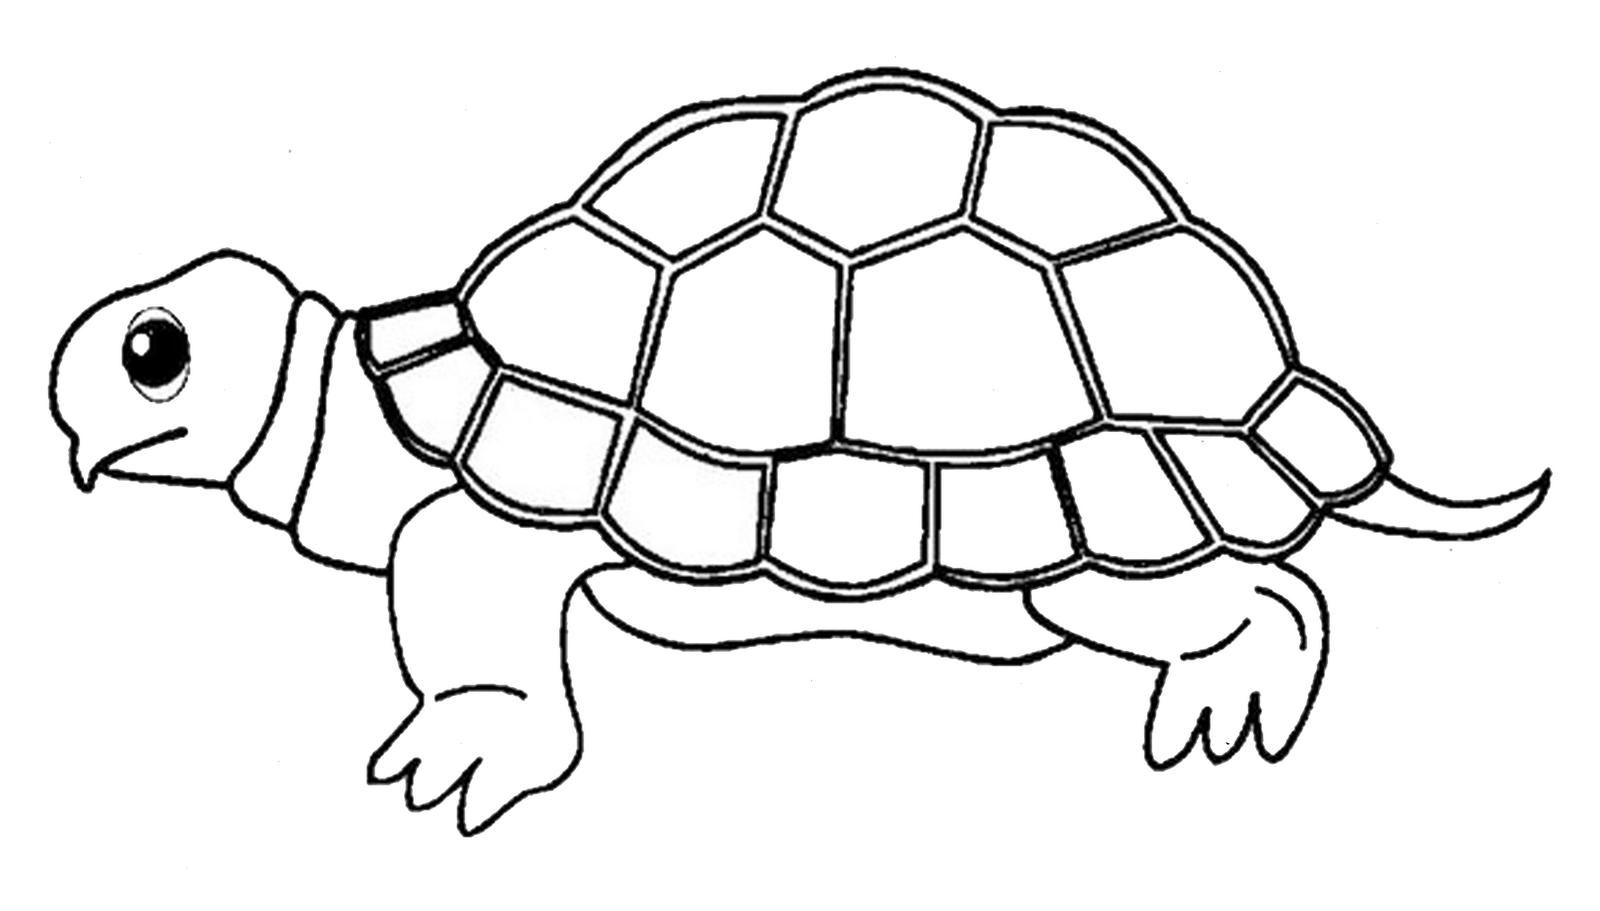 Gambar Gambar Binatang Untuk Anak Tk Untuk Mewarnai Lucu Dan Mendidik